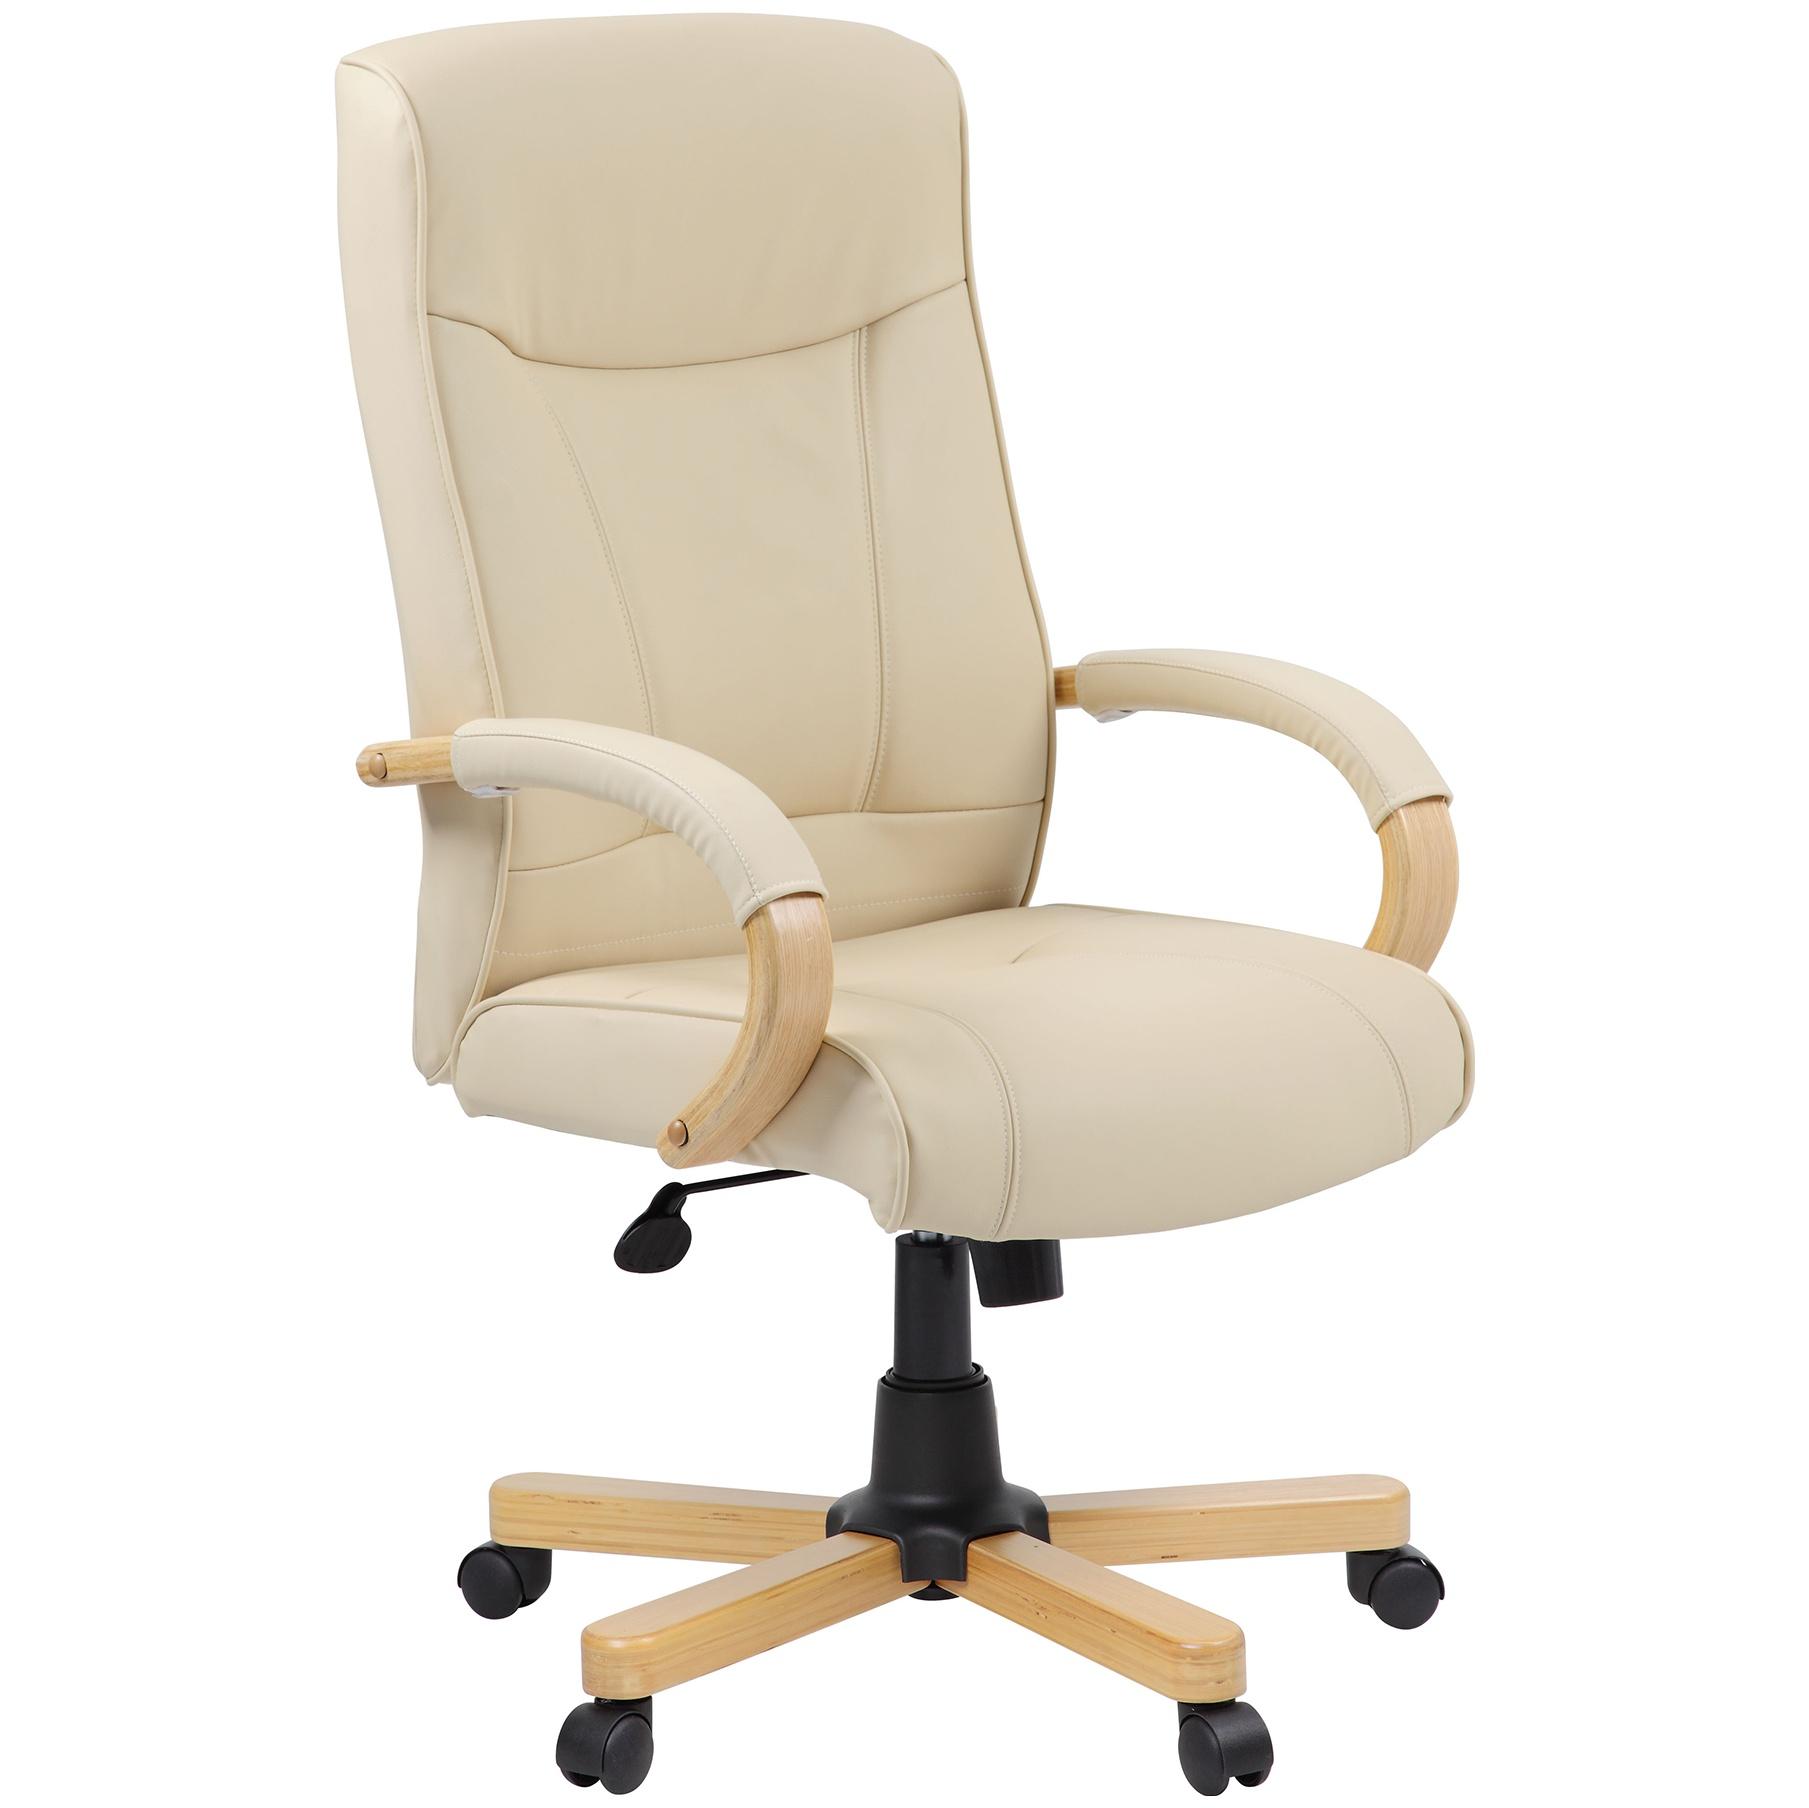 Farnham Cream Leather Office Chair